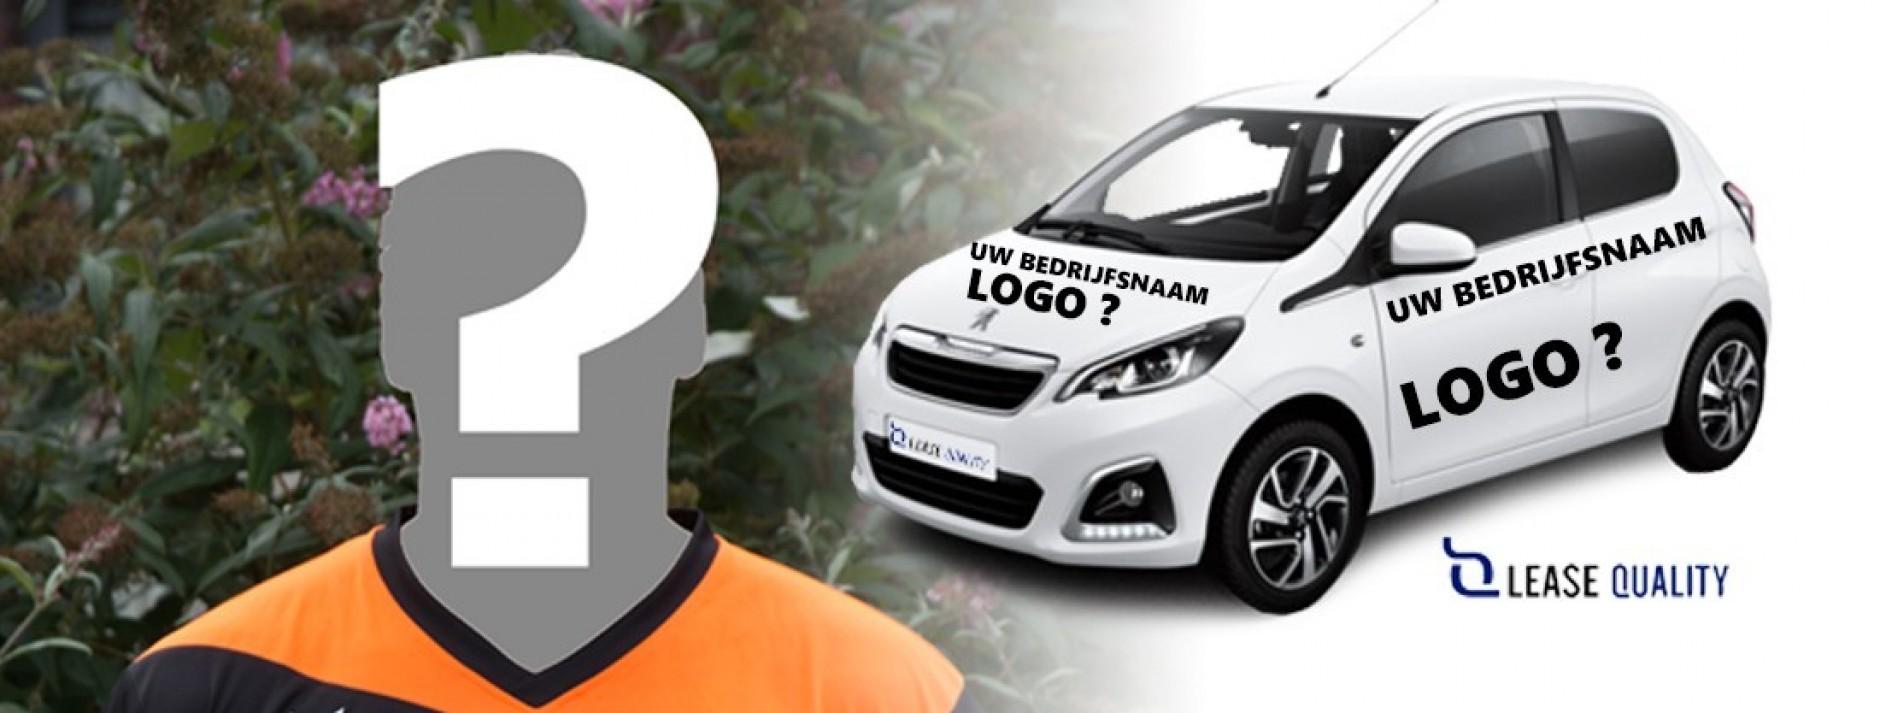 Nieuwe Actie Sponsor Een Auto Jd Techniek Hurry Up